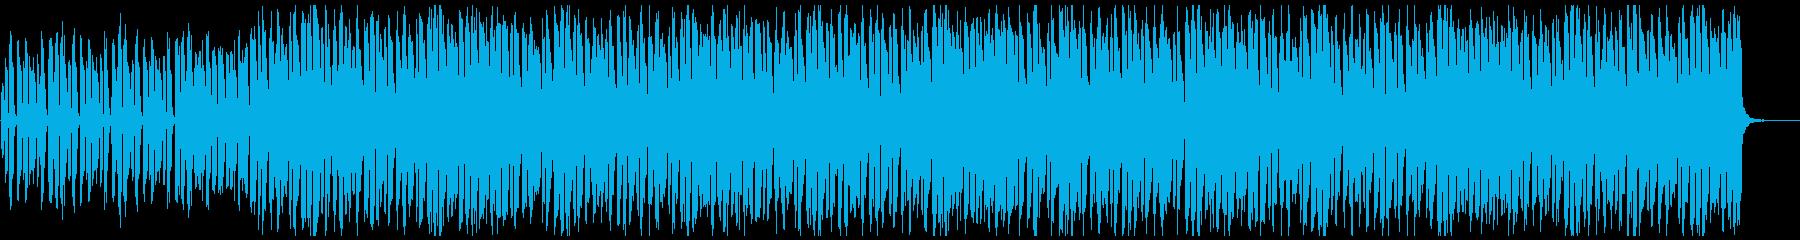 ダークな雰囲気の4つ打ちの曲の再生済みの波形